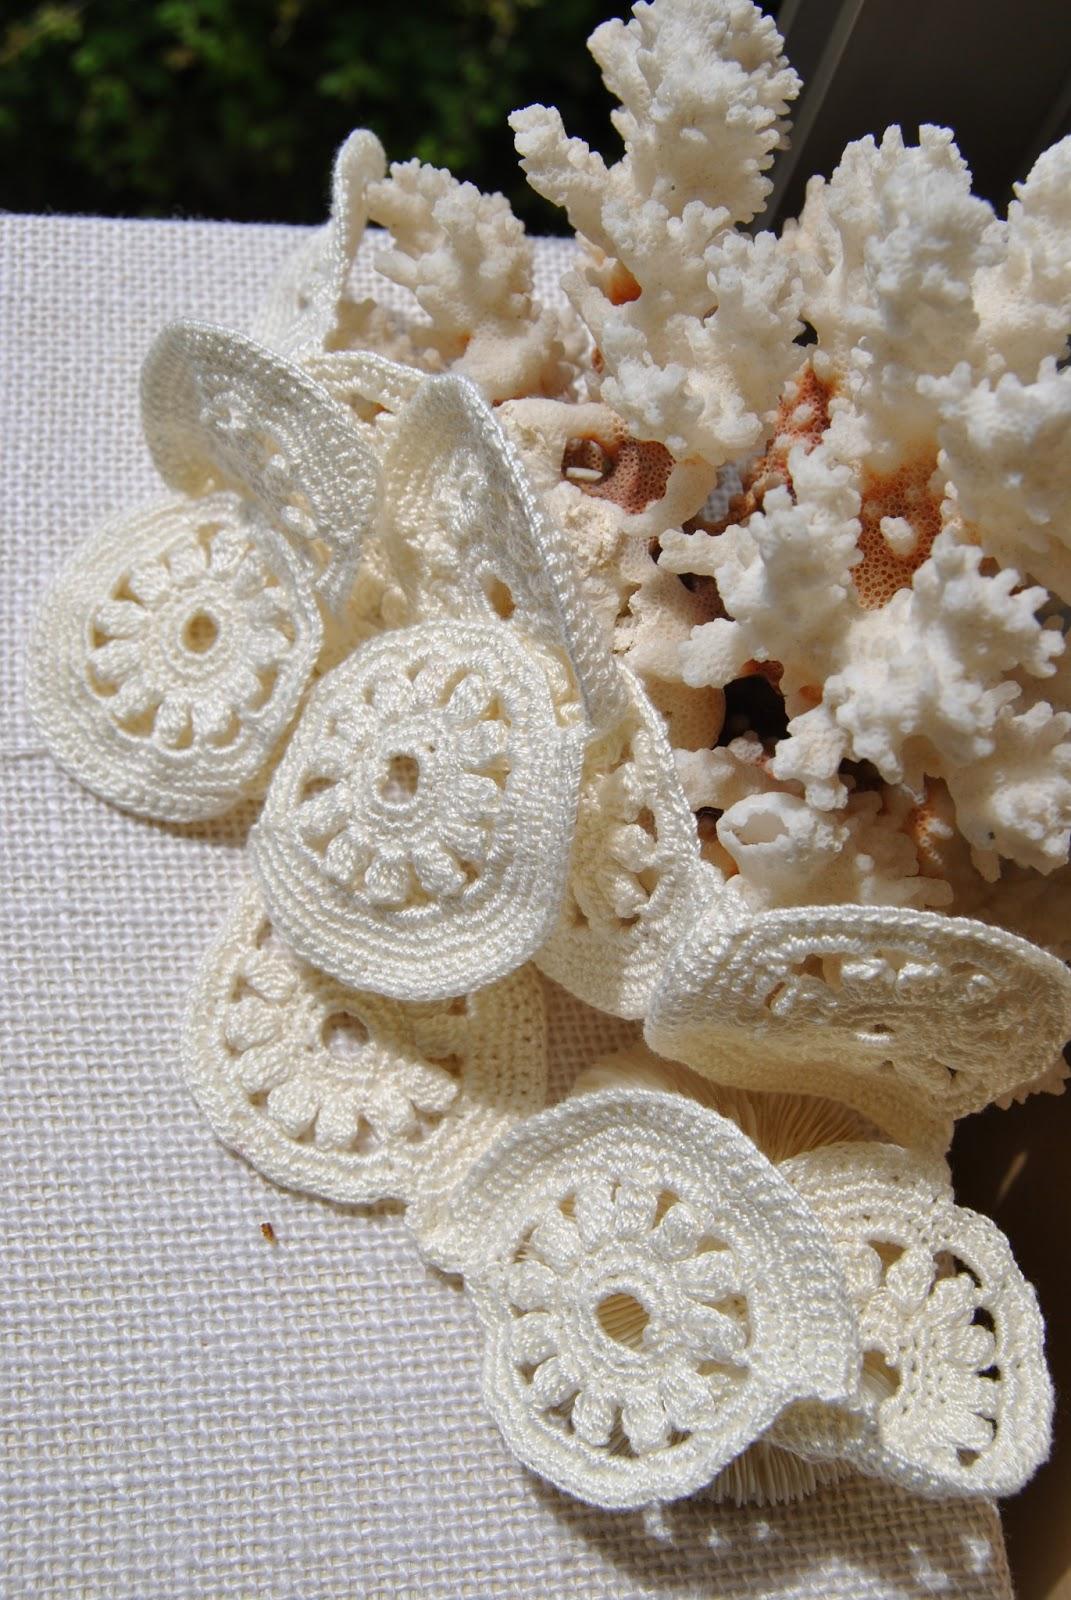 Crochet handmade puntillas de crochet hecho a mano - Puntillas para sabanas ...